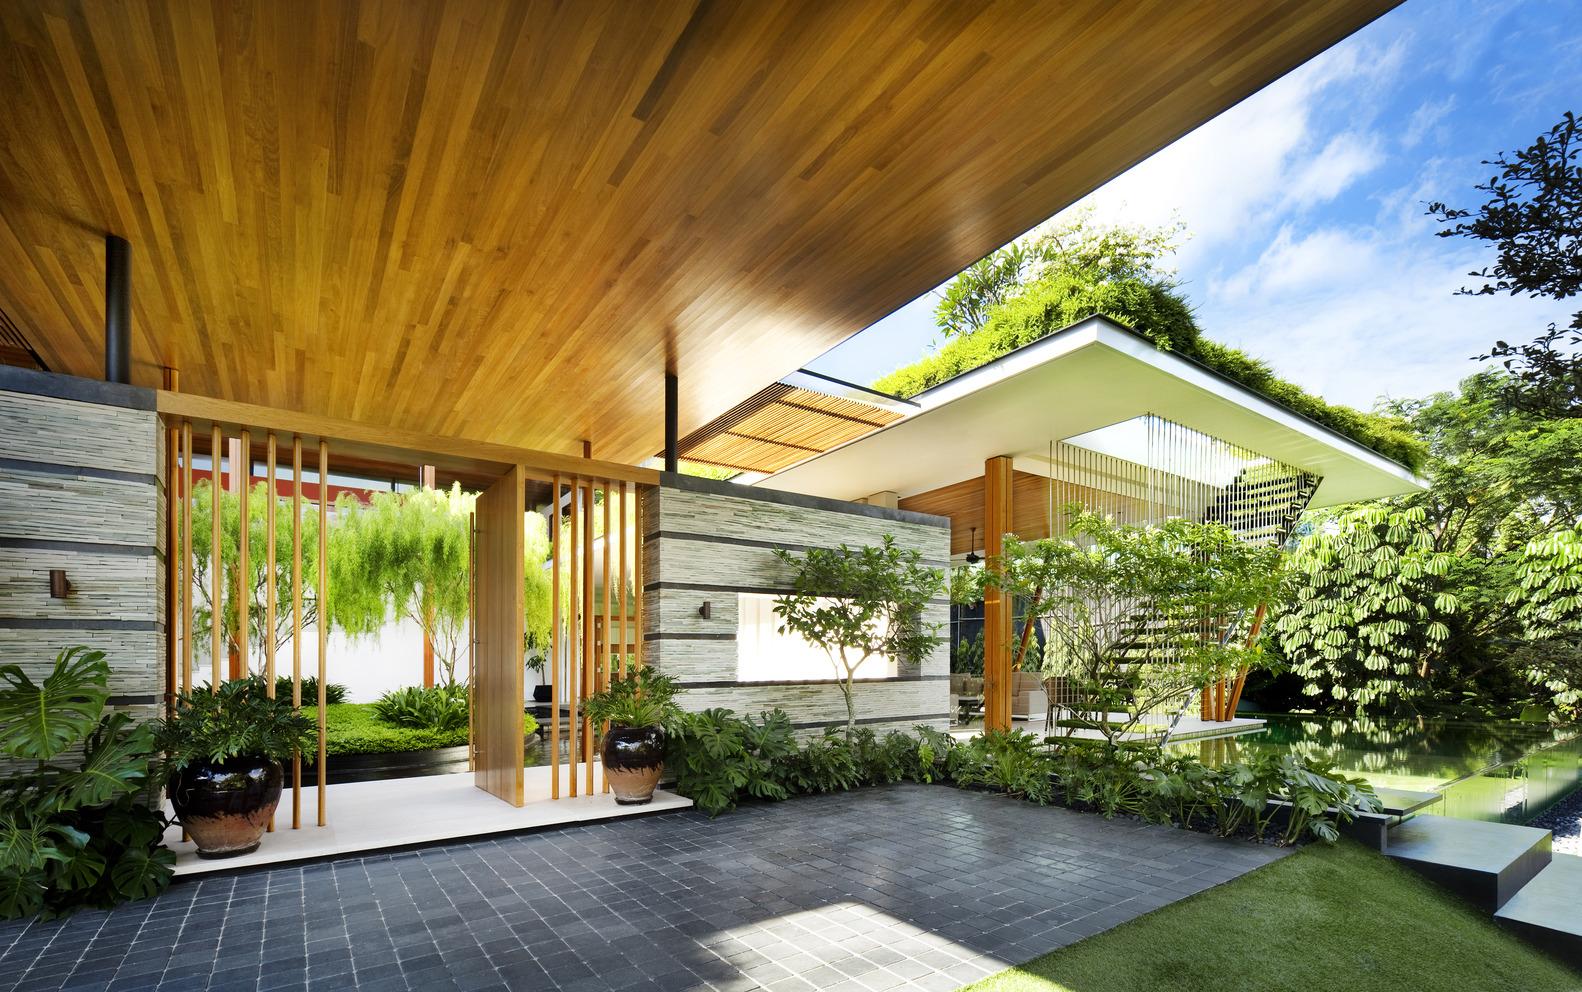 willow-house-termeszetkozelben-noko-011.jpg